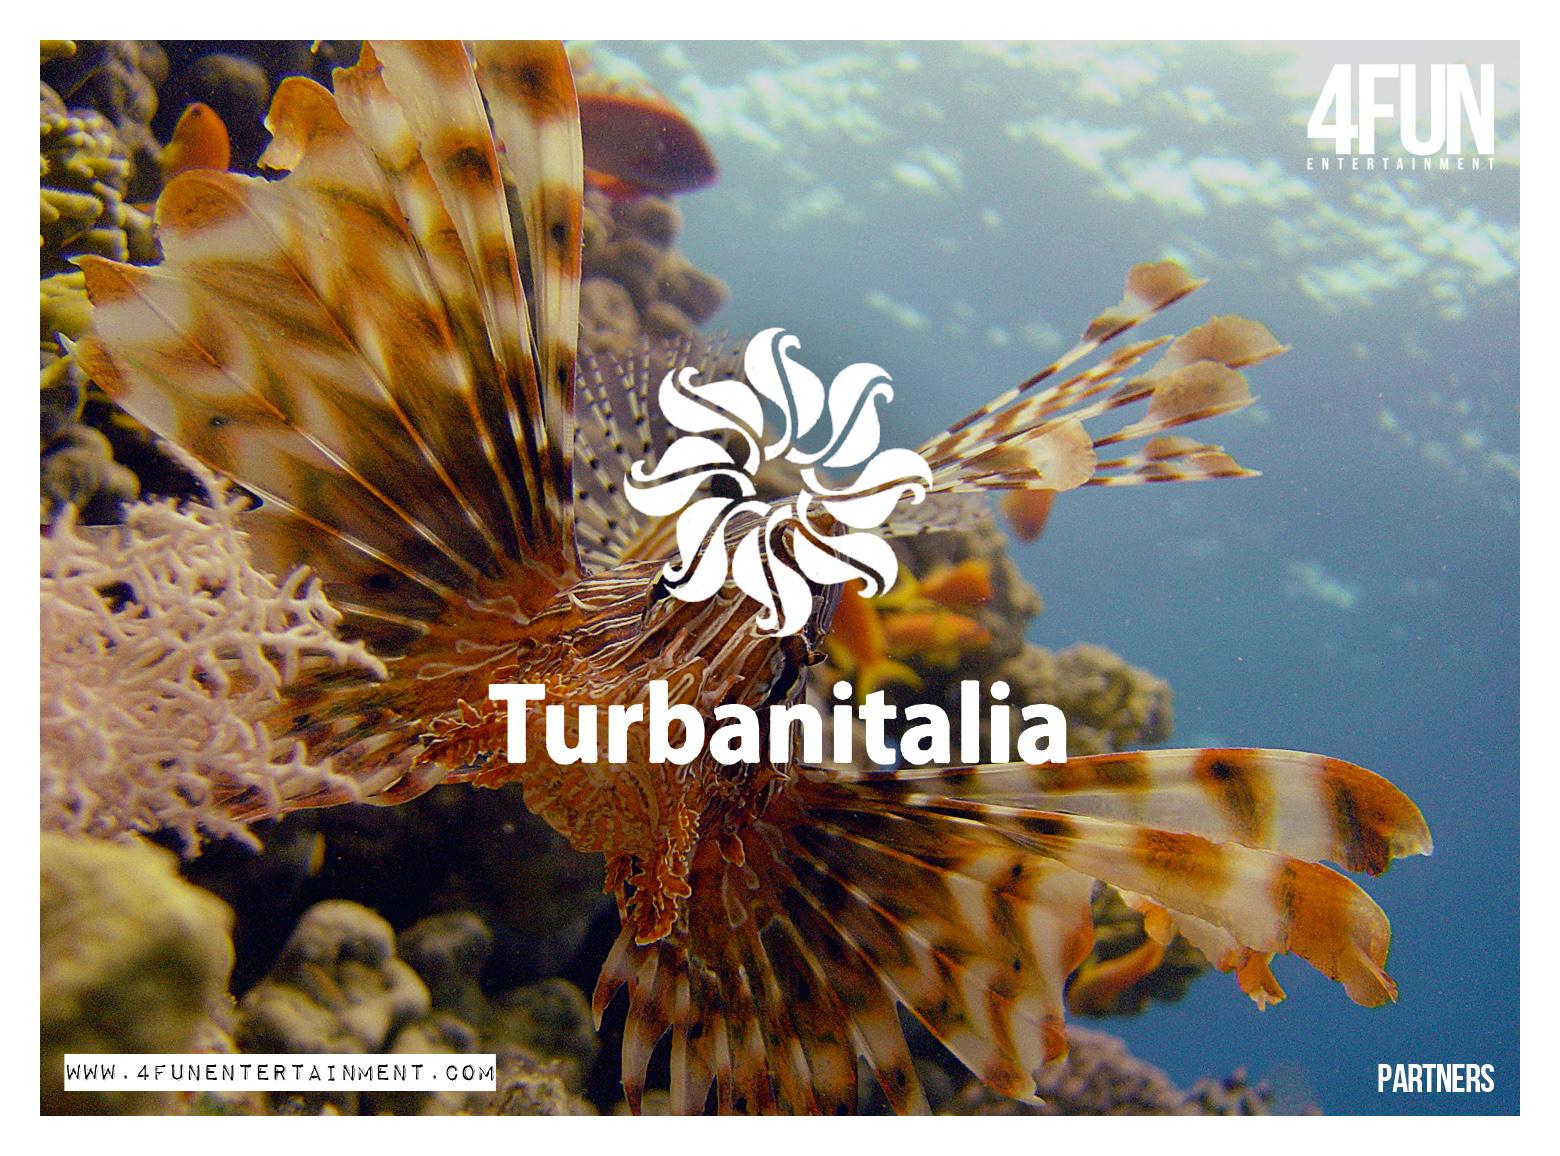 Turbanitalia